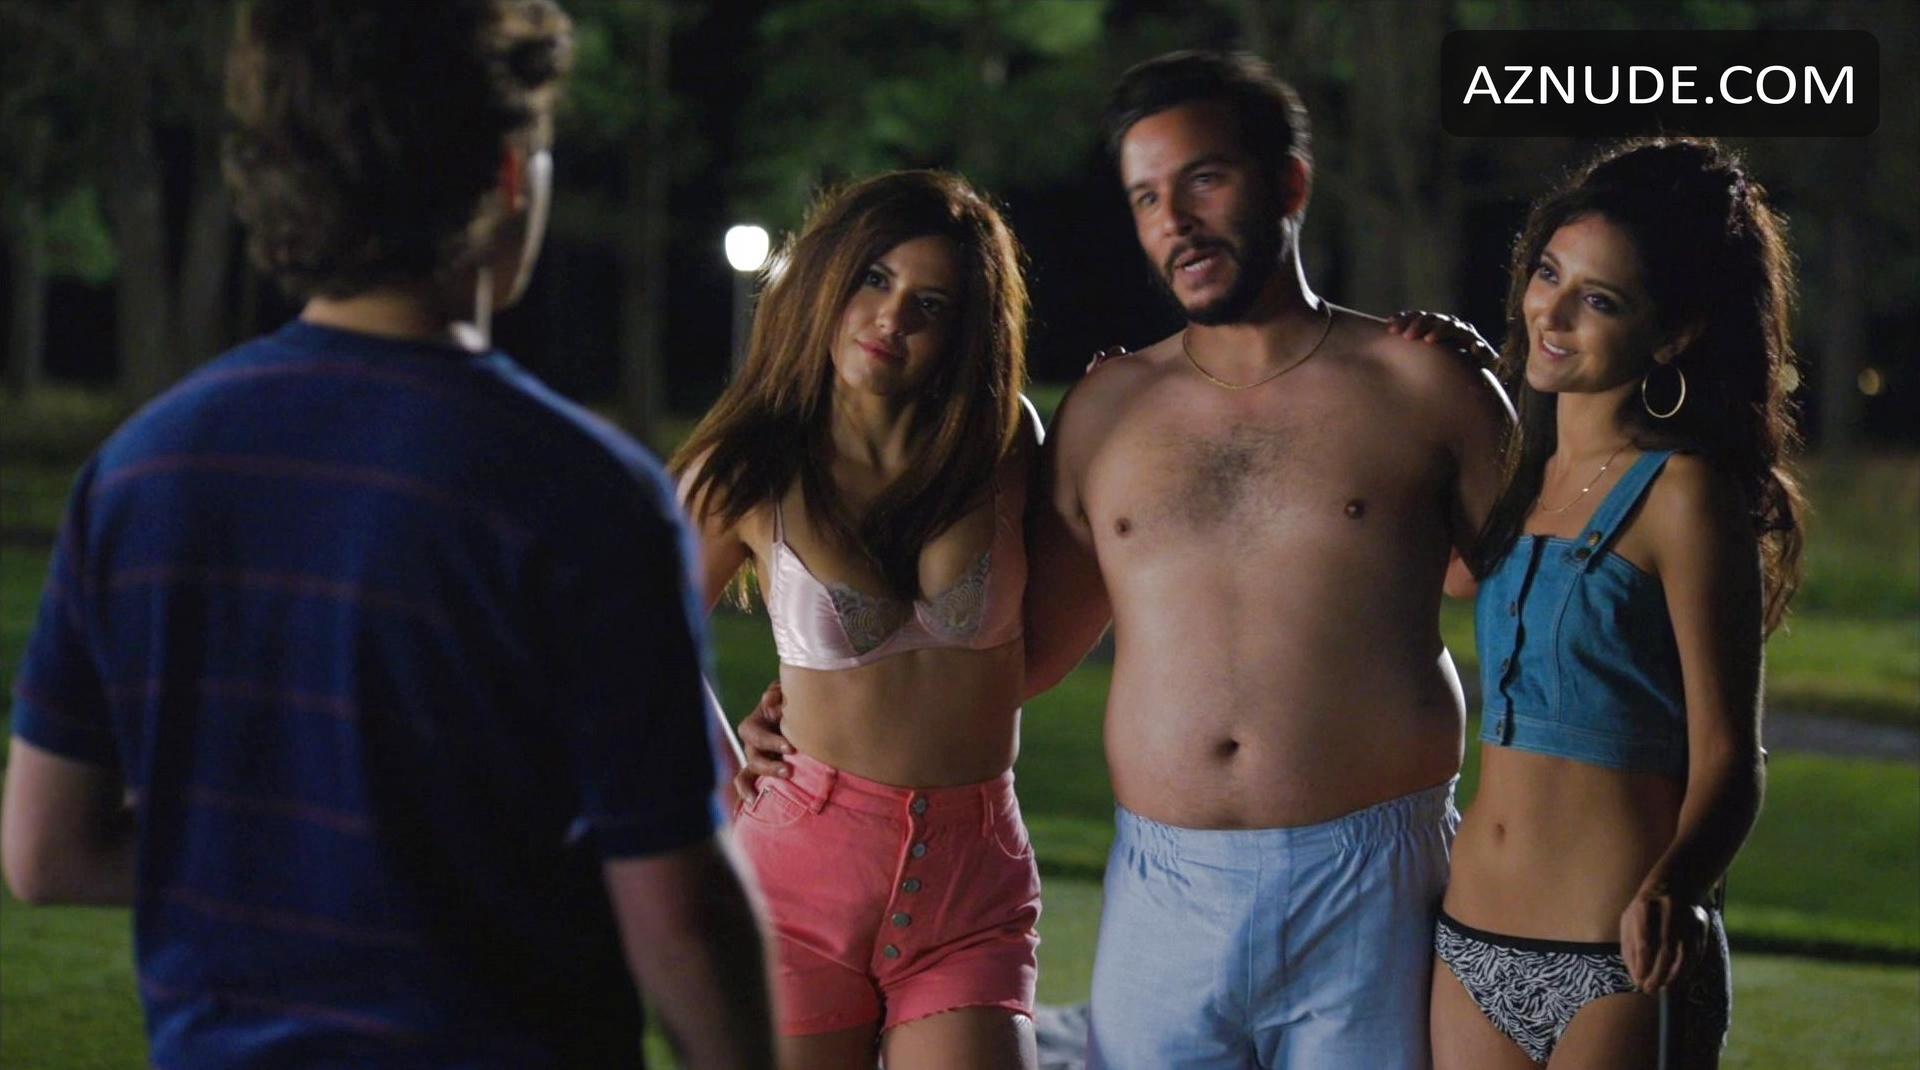 MURIELLE TELIO Nude  AZNude